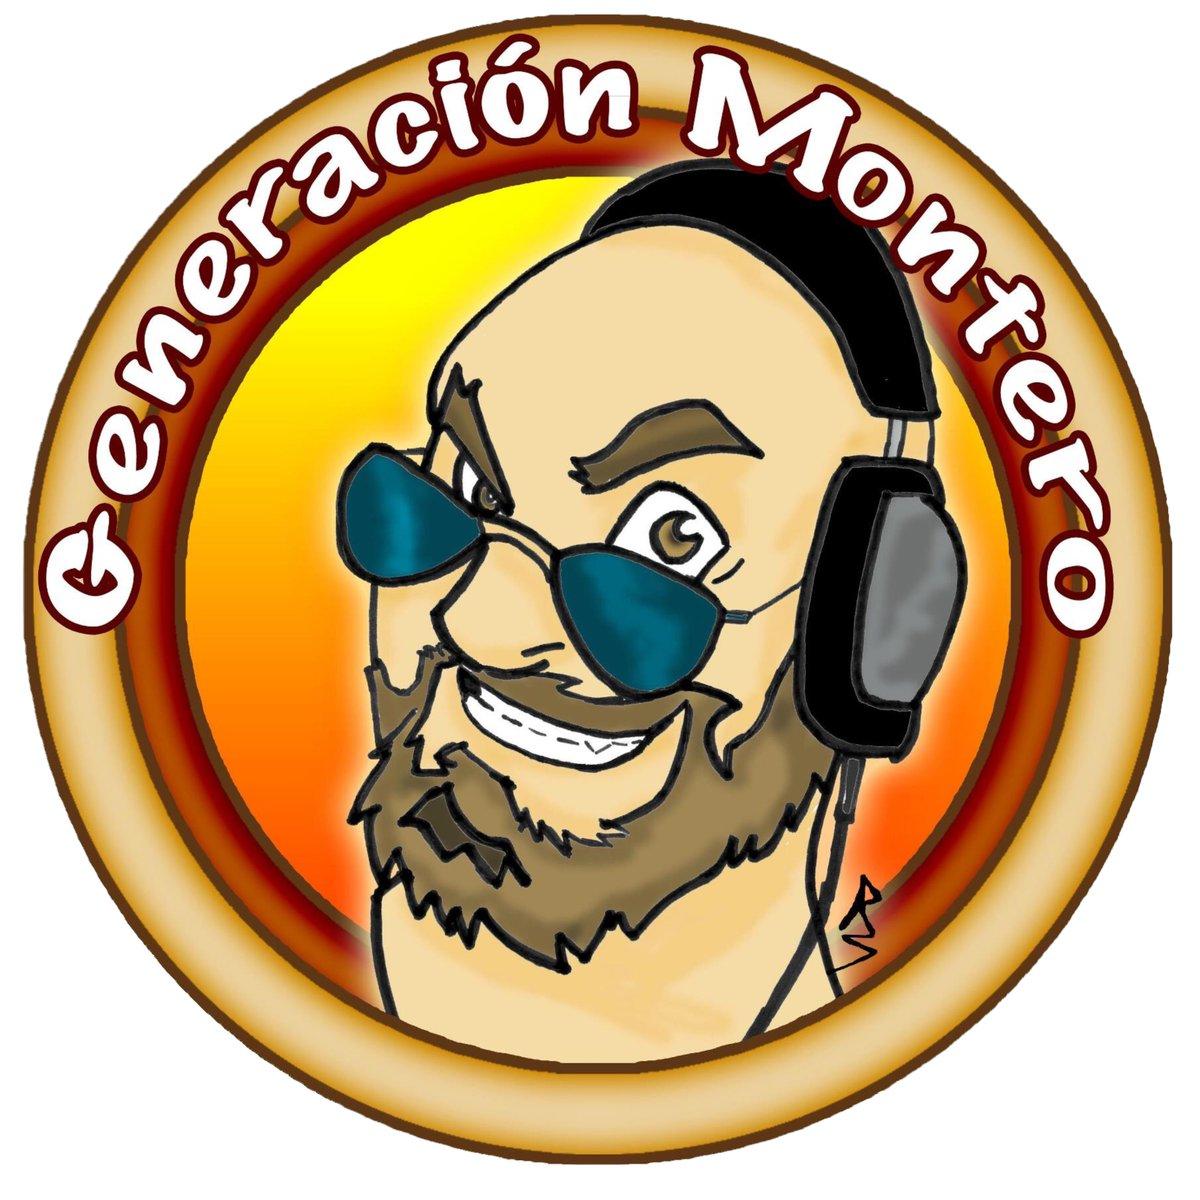 Generación Montero 26-01-2018